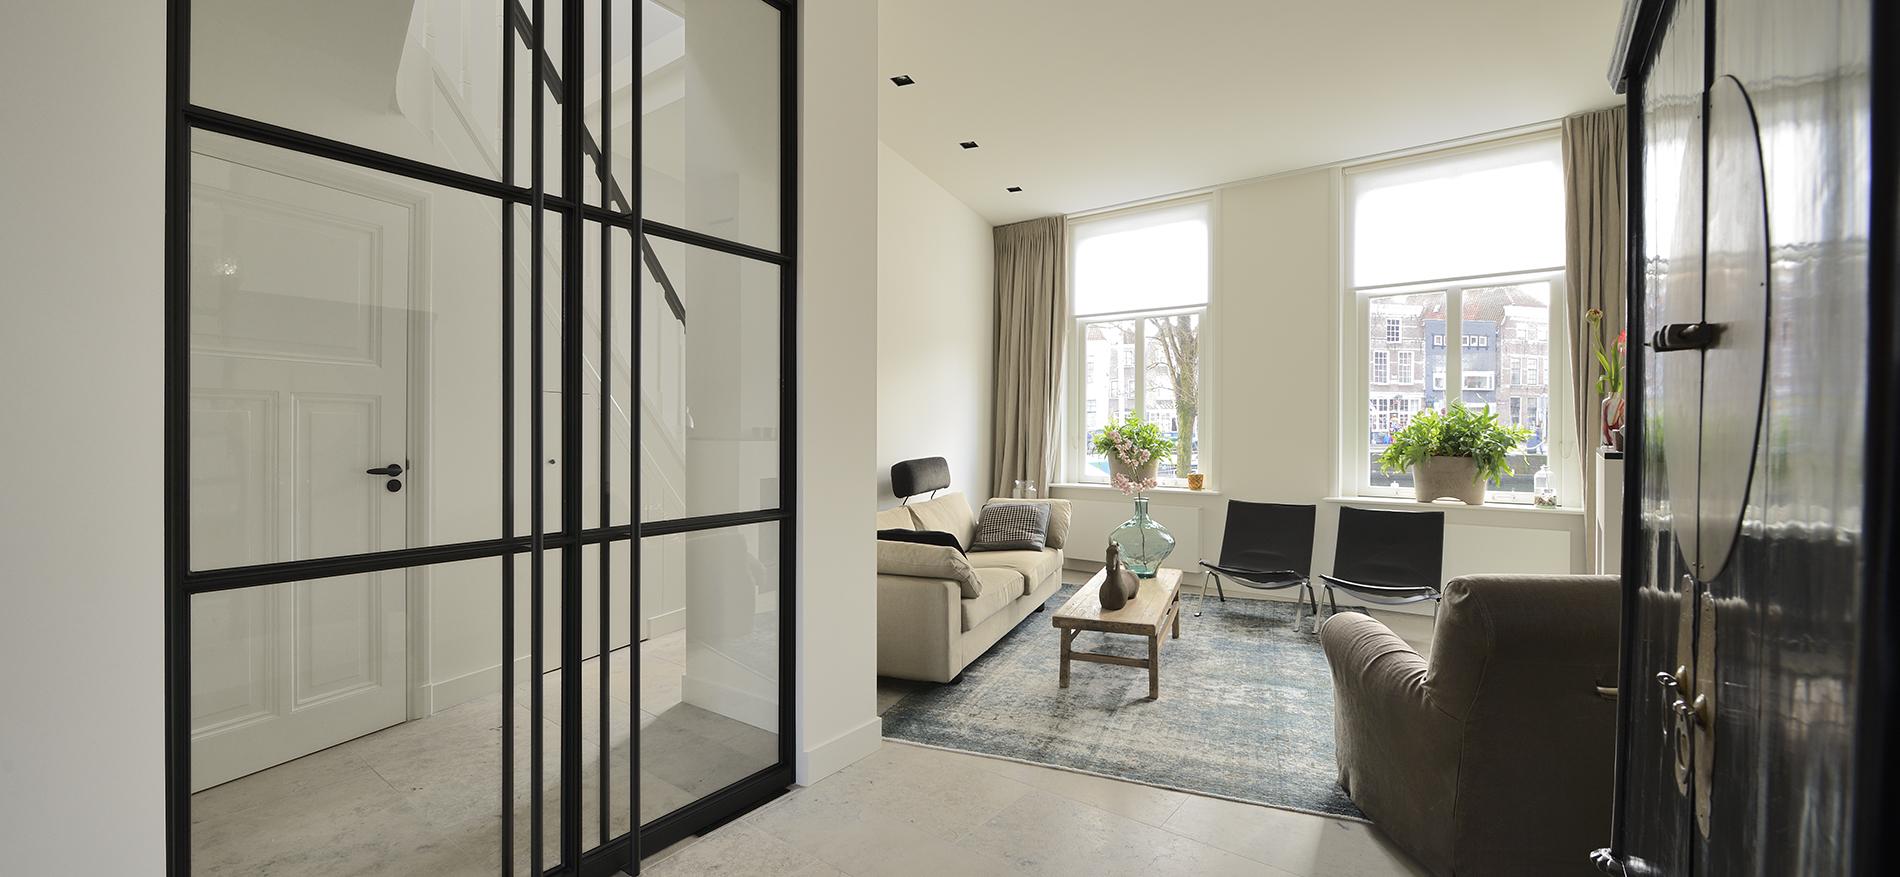 Top interieur op maat voor herenhuis in goes wsb for Oud herenhuis interieur